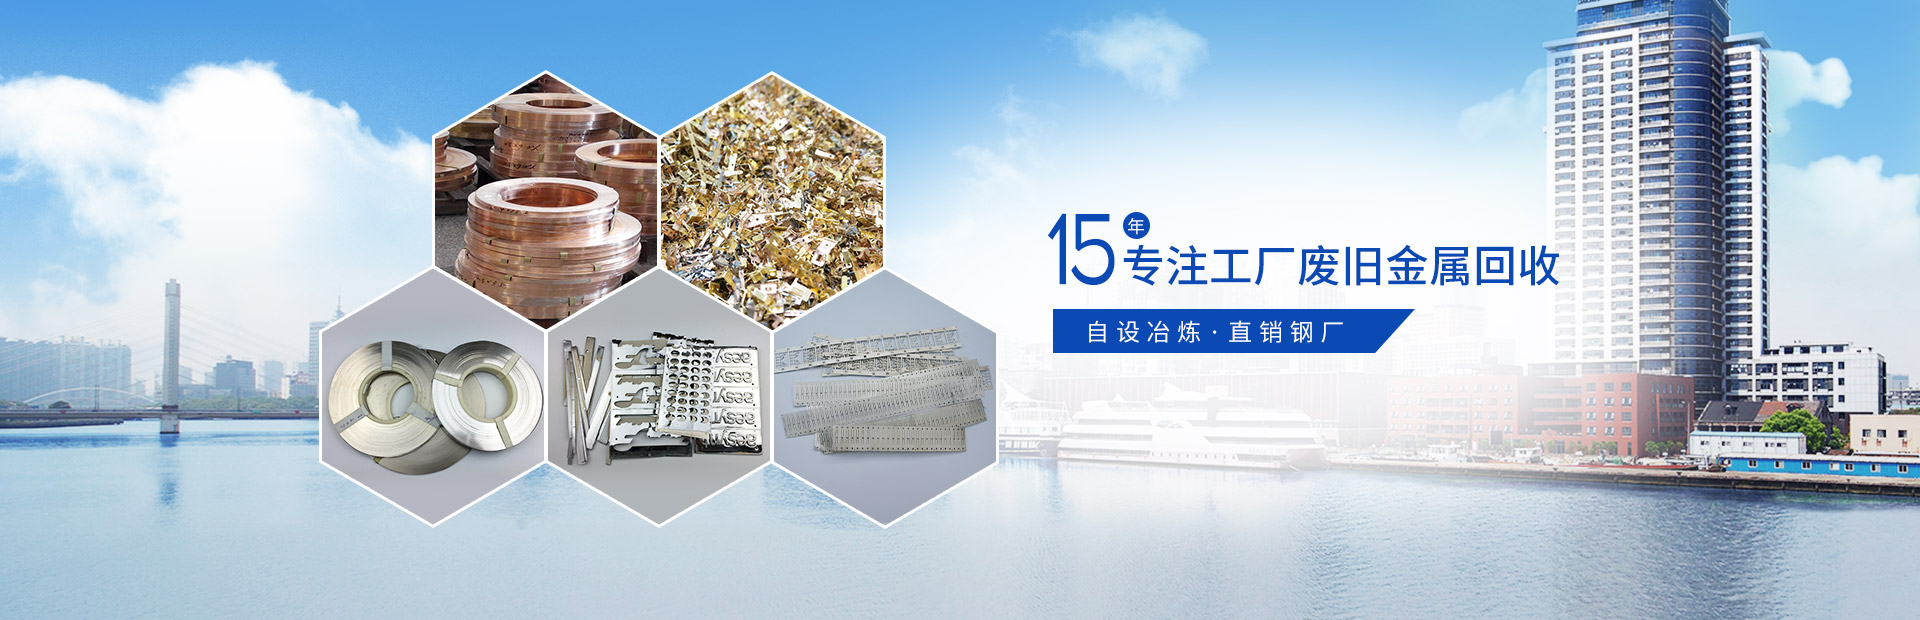 联开15年专注工厂废旧金属回收